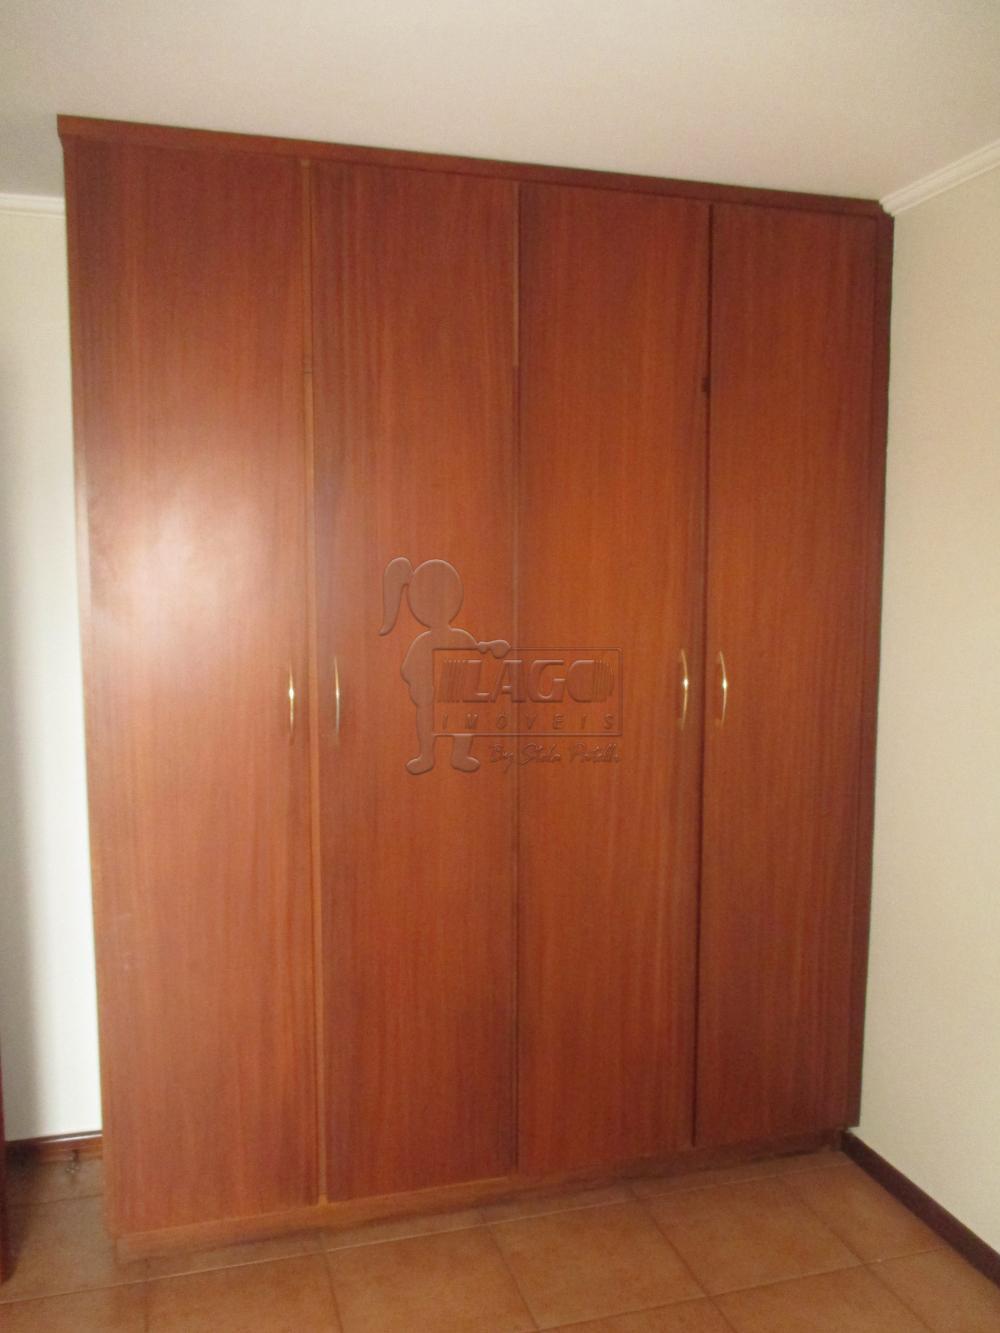 Alugar Apartamento / Padrão em Ribeirão Preto apenas R$ 1.200,00 - Foto 19